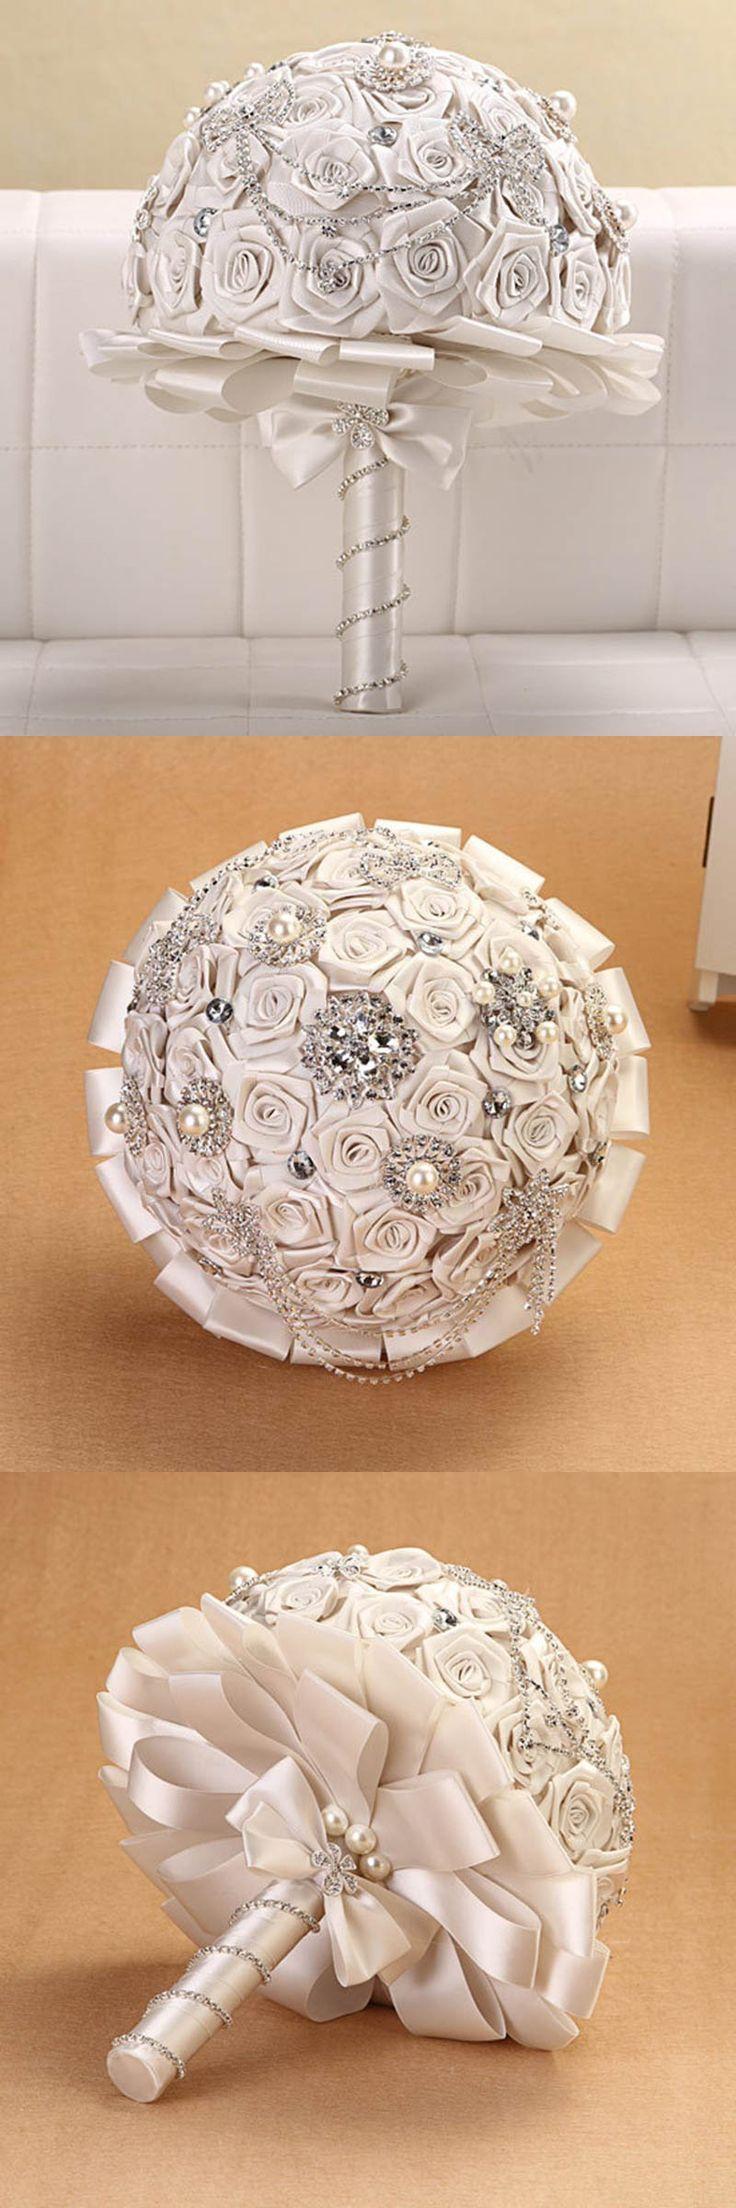 Elegant YIYI Wedding Bouquet luxury Crystal Pearls wedding accessories Bridesmaid Wedding Bridal Bouquets WB00137